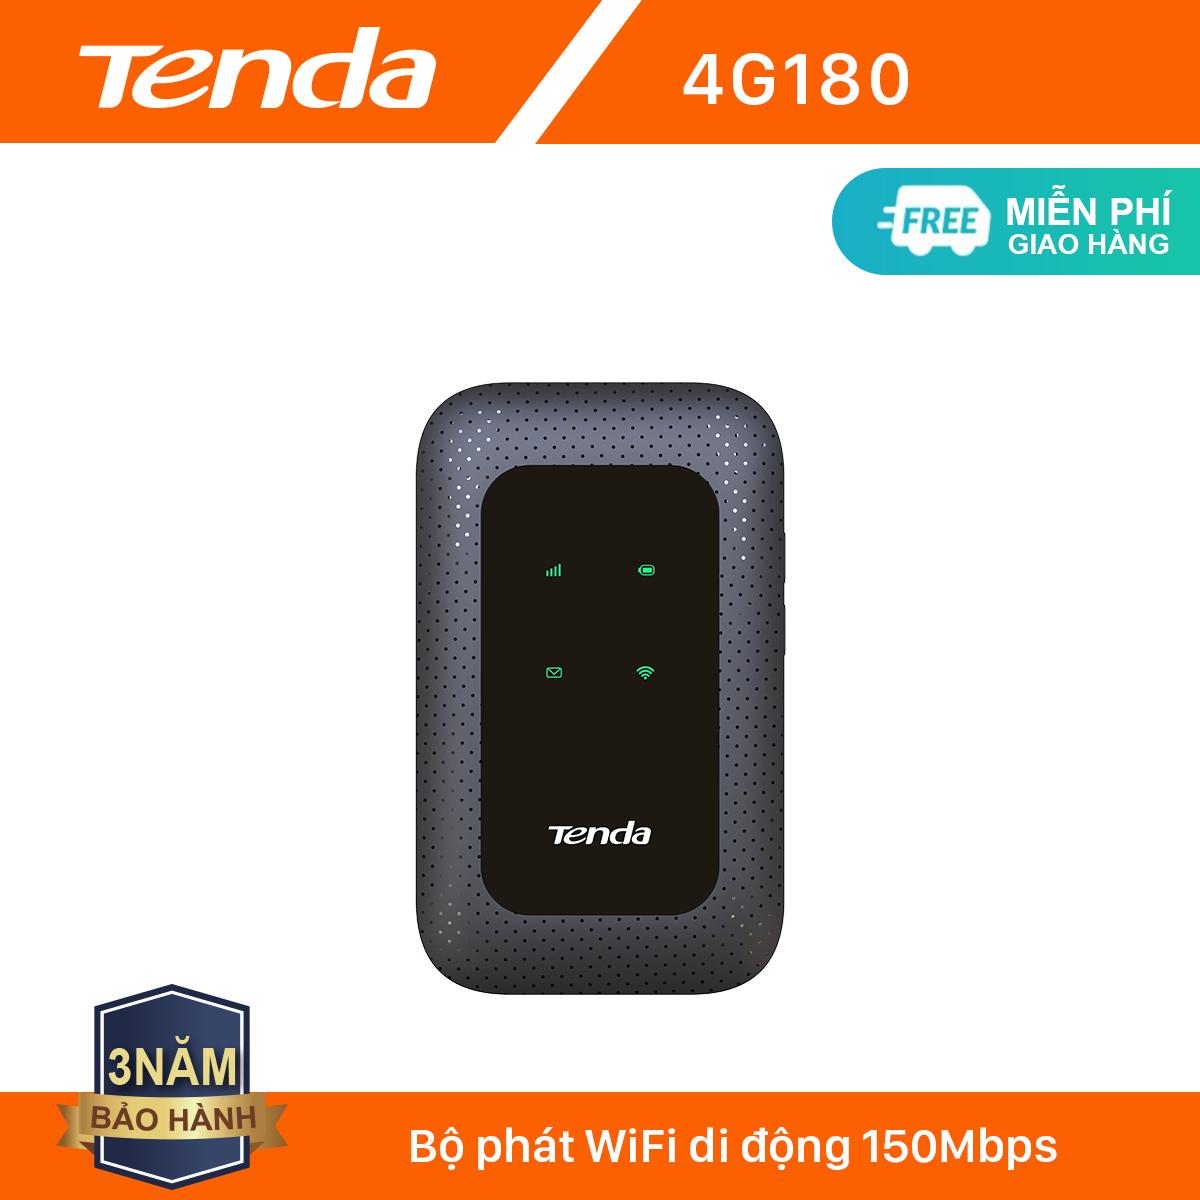 Tenda Bộ phát Wifi di động 4G LTE 4G180 – Hãng phân phối chính thức